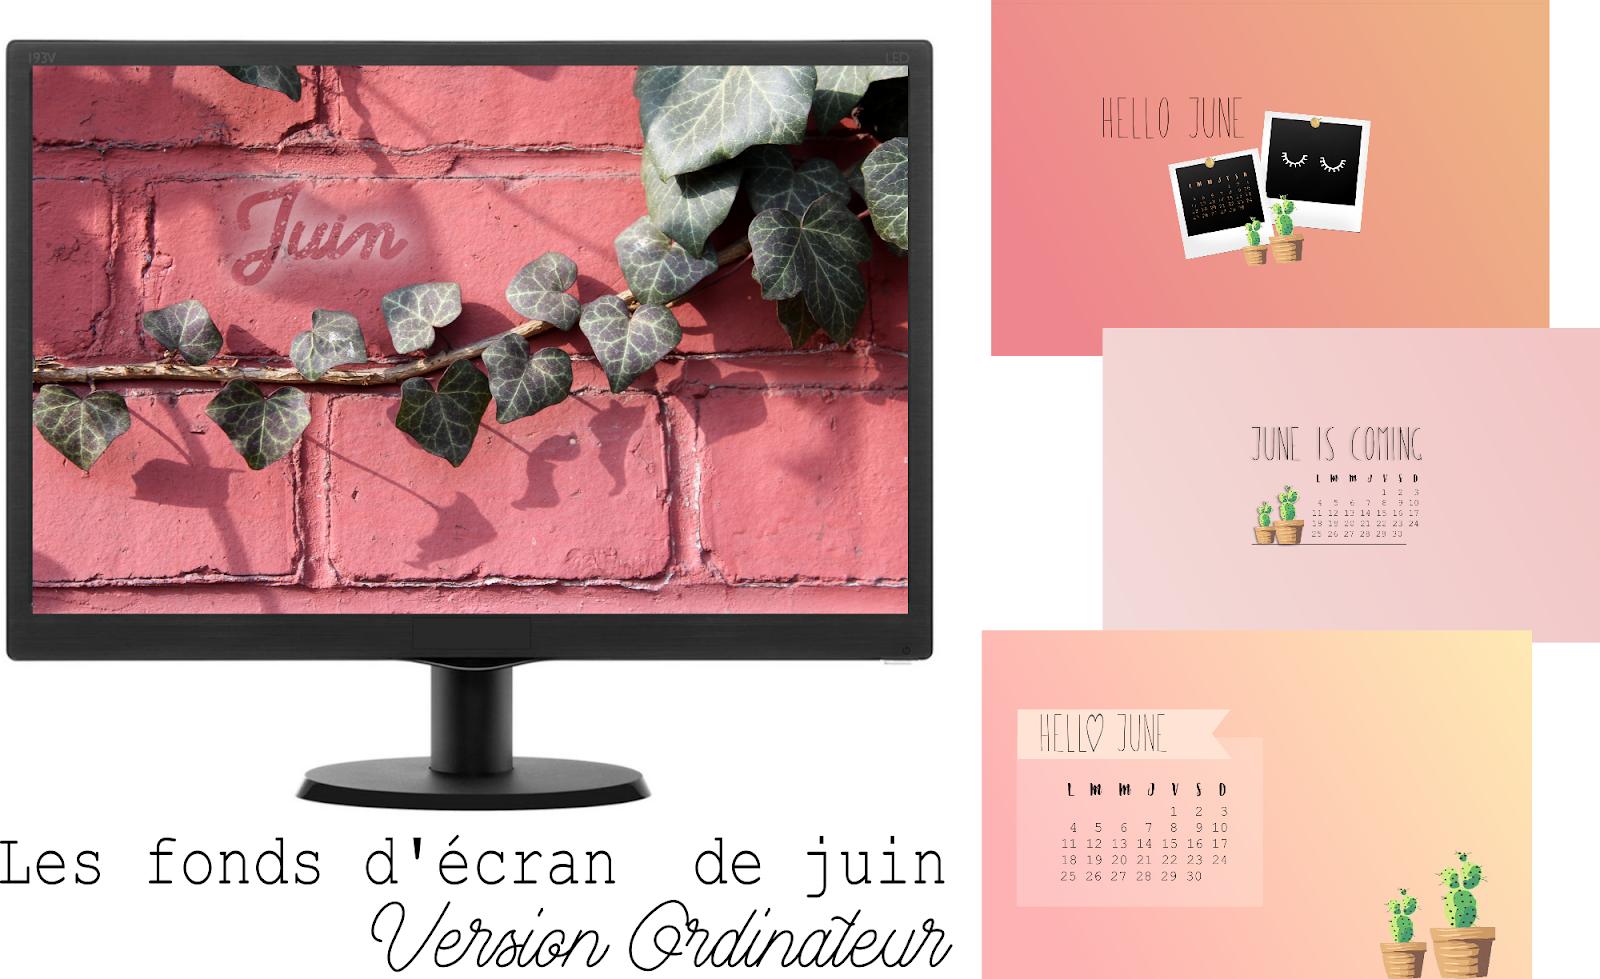 pauline-dress-blog-mode-deco-lifestyle-besancon-fond-d-ecran-juin-cactus-lierre-rose-2018-01